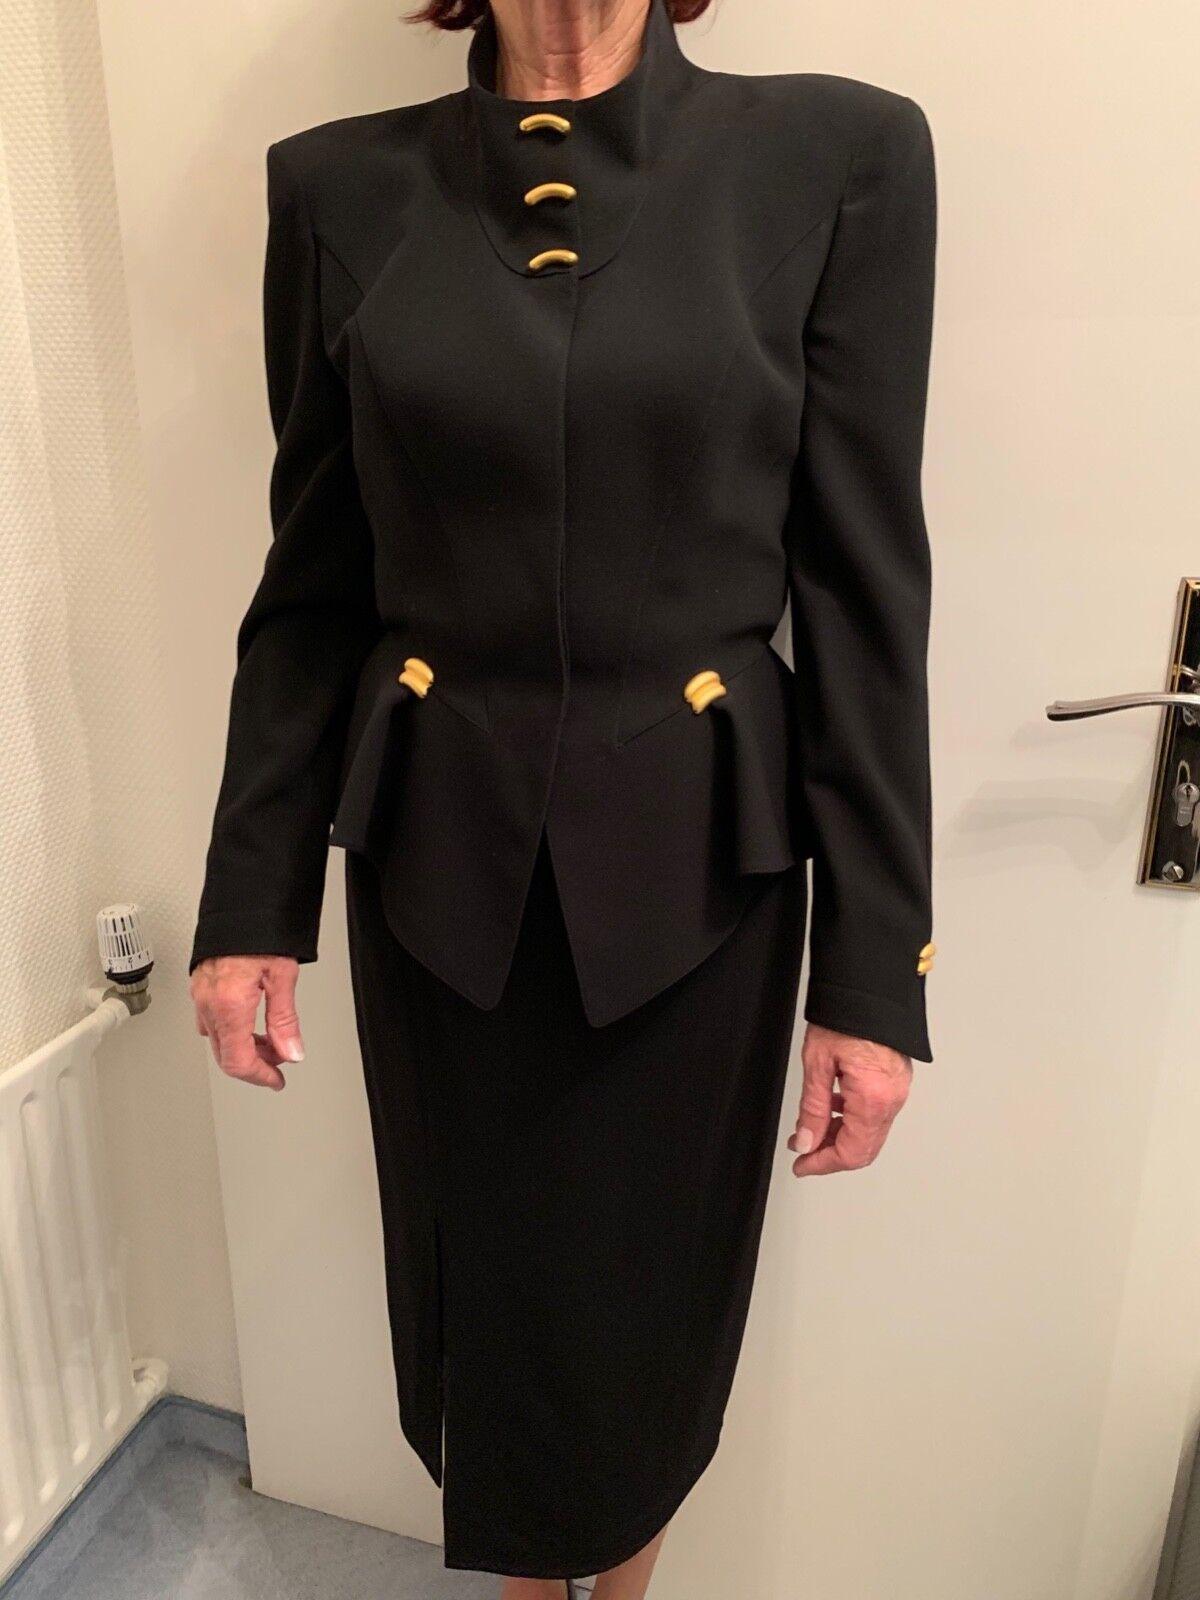 Thierry Mugler Premium Kostüm, schwarz Gr. Gr. Gr. F 40  D 36 | Verschiedene Stile und Stile  | Lass unsere Waren in die Welt gehen  | Moderate Kosten  | Am praktischsten  | Ausgang  dd808b